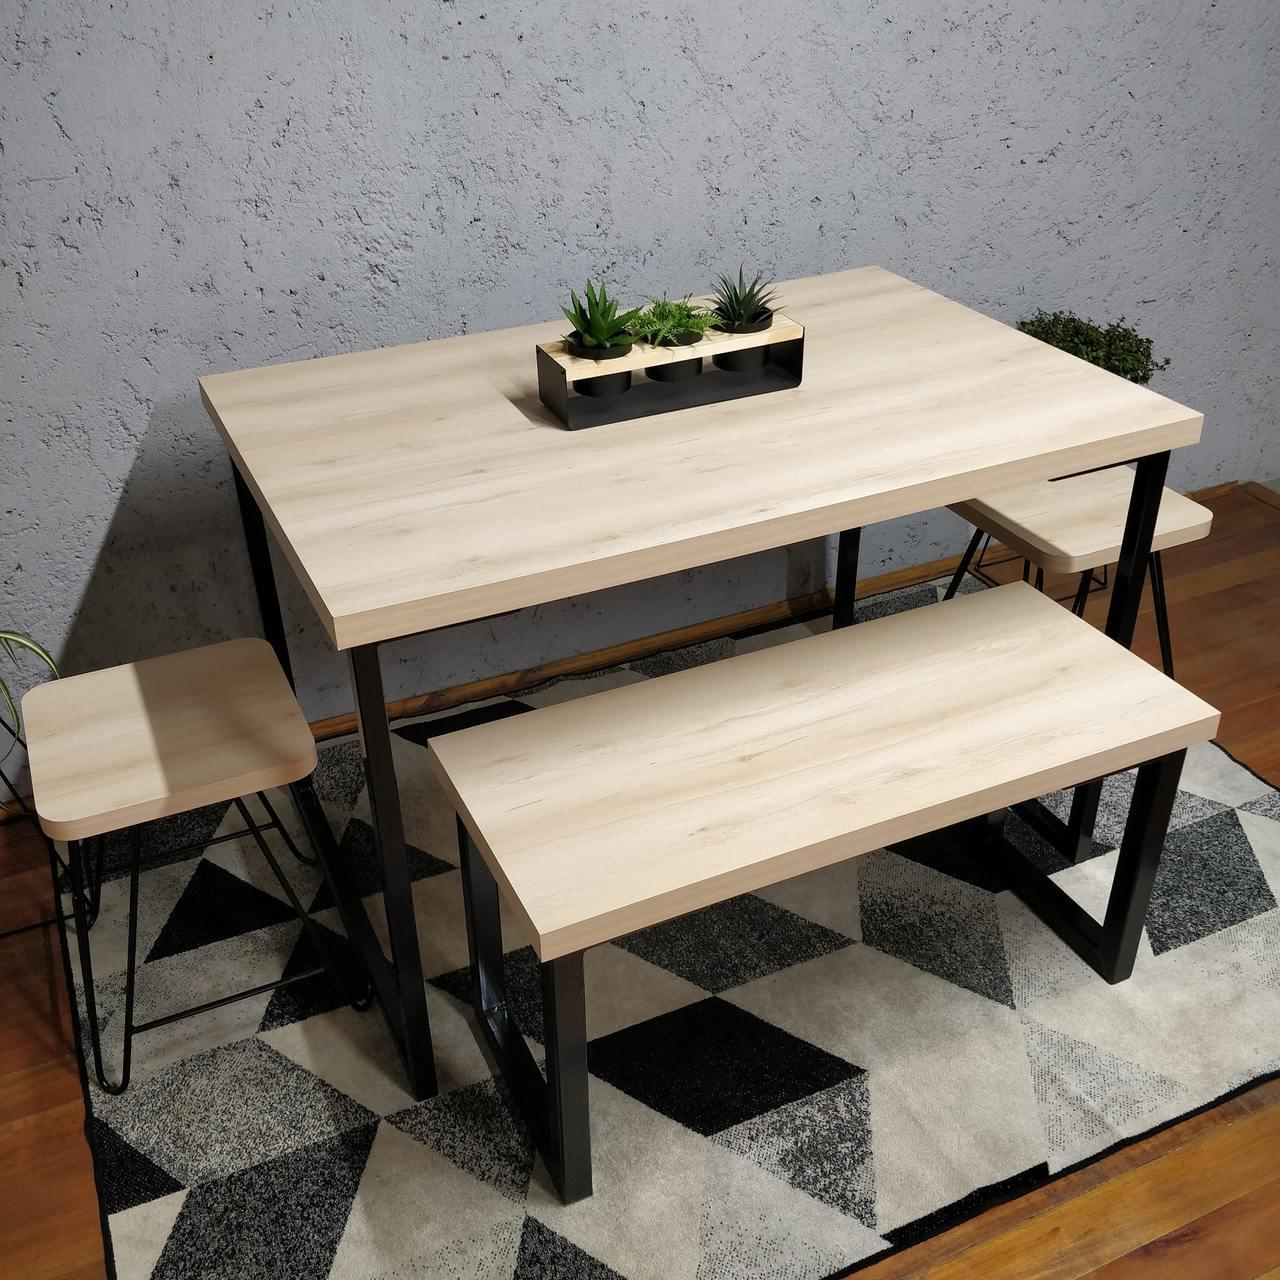 Conjunto Mesa Jantar com Banco e Banquinhos Faia com Squared Legs e Tampo 100% MDF  - Mtne Store